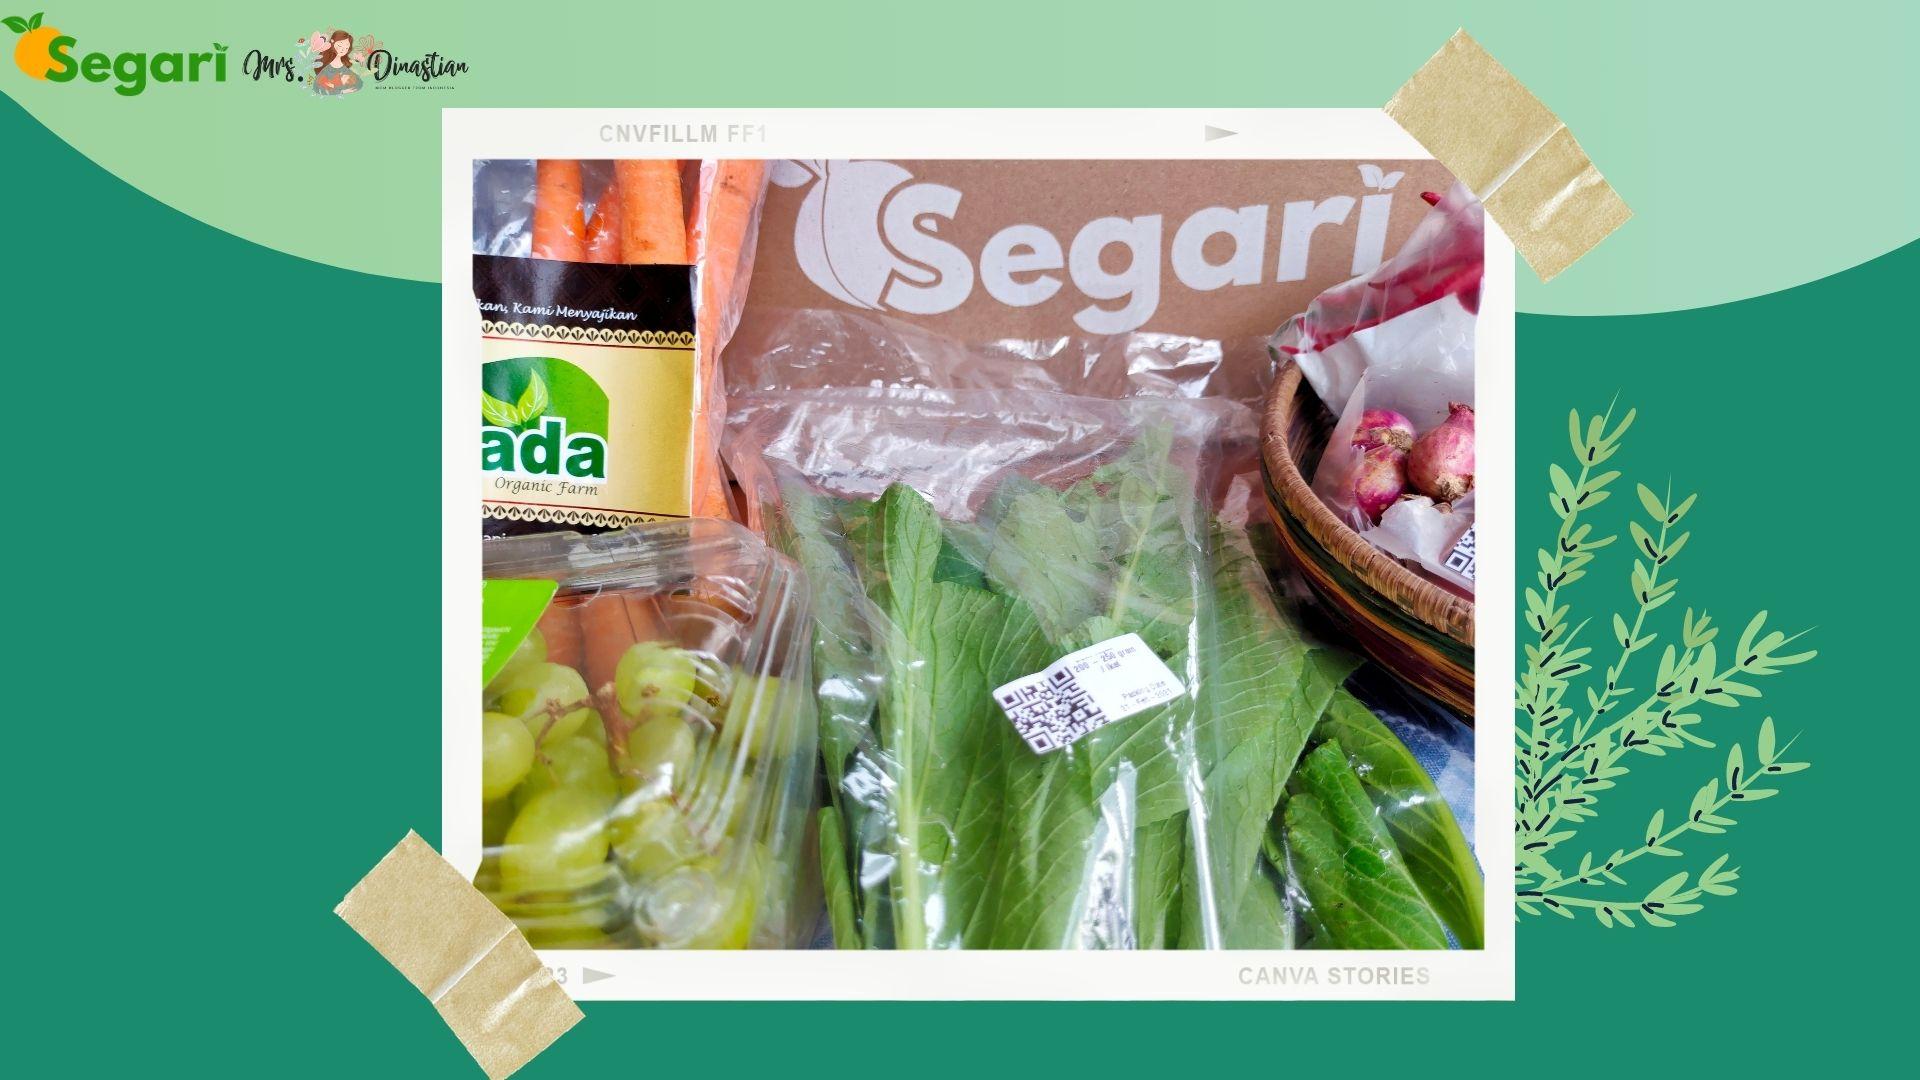 Belanja Sayur di Segari.id